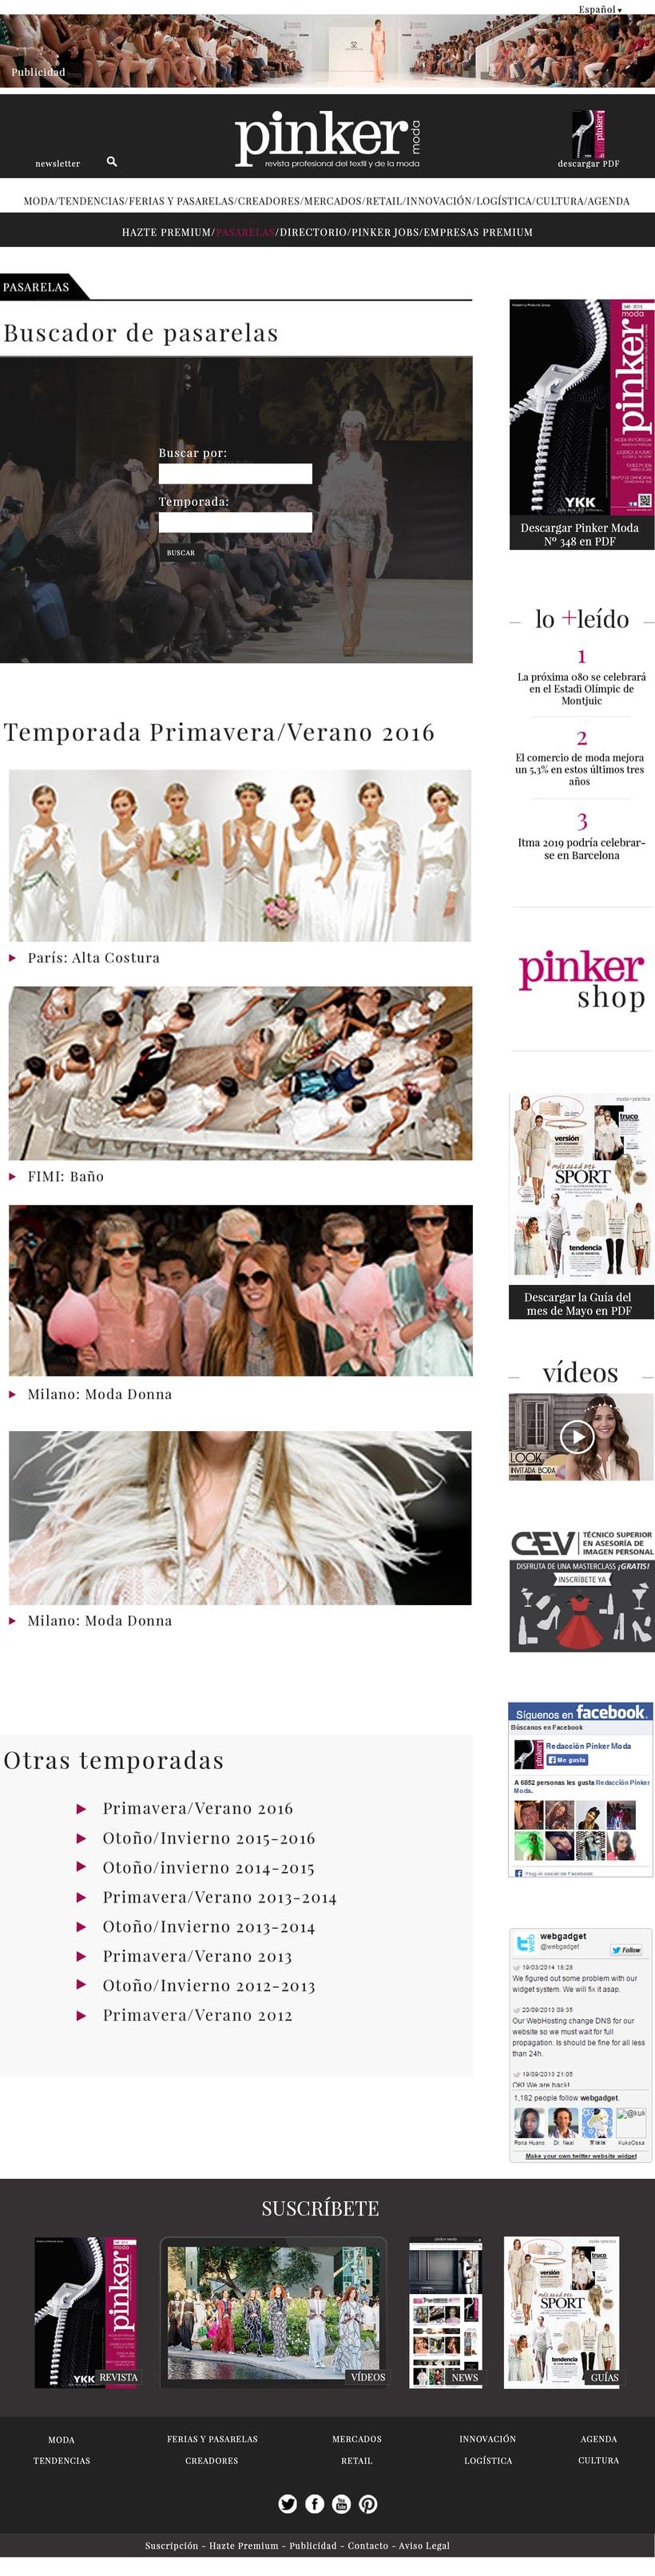 WEB LAYOUT - Pinker moda 3